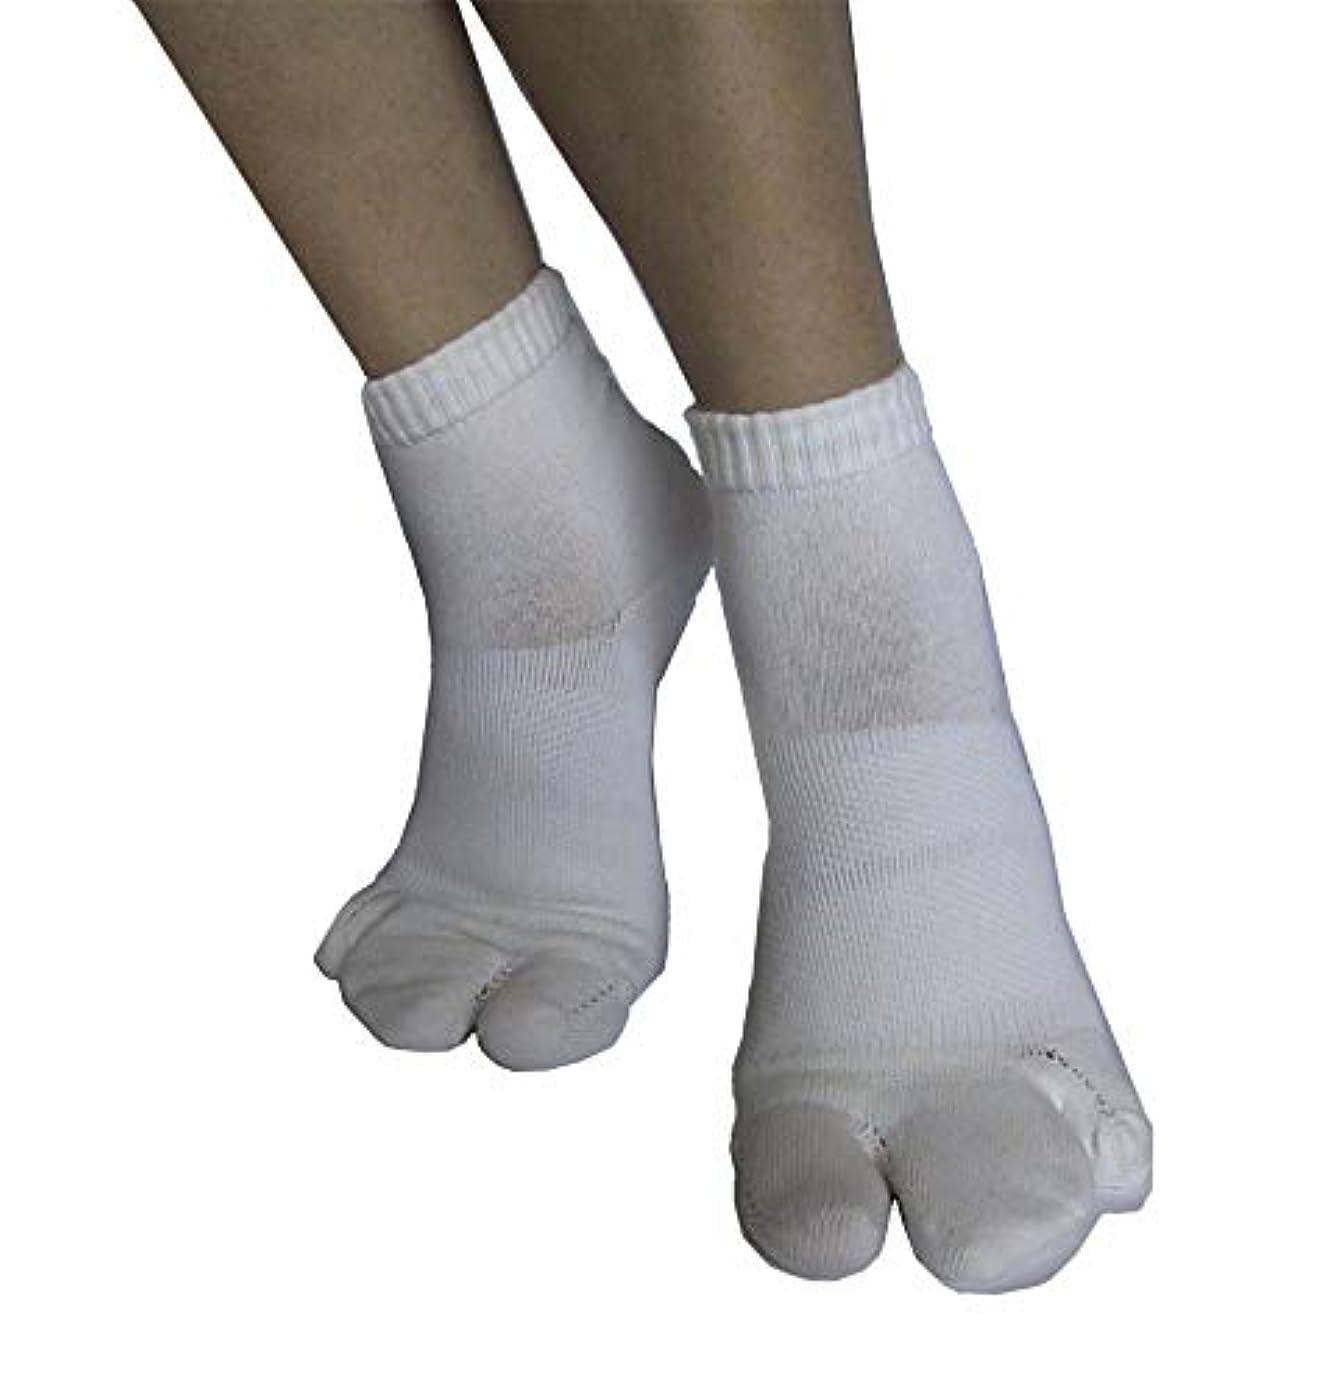 暴力的な長方形欲しいですカサハラ式サポーター ホソックス3本指テーピング靴下 ホワイトS 22-23cm